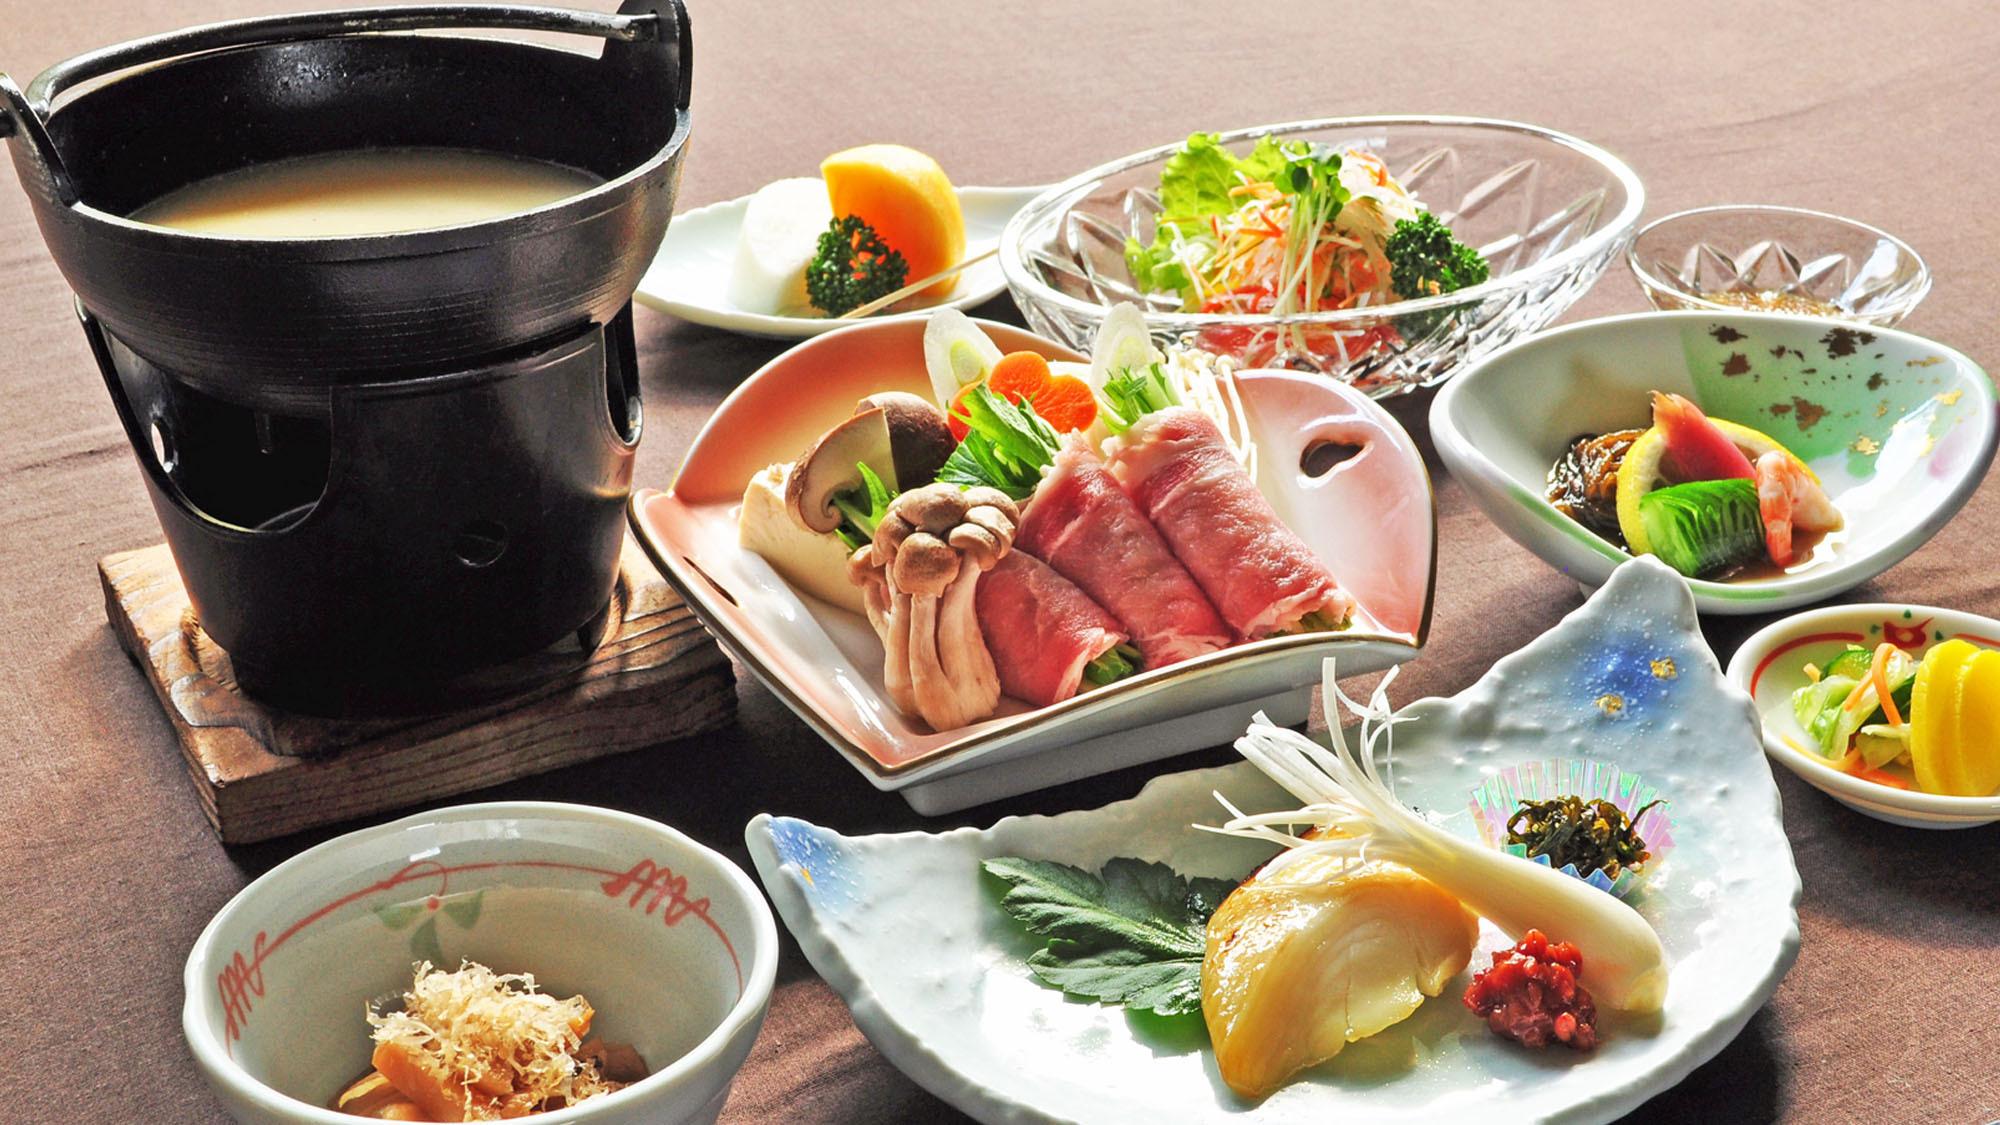 【スタンダード夕食一例】旬の食材を活かした色鮮やかな夕食膳。